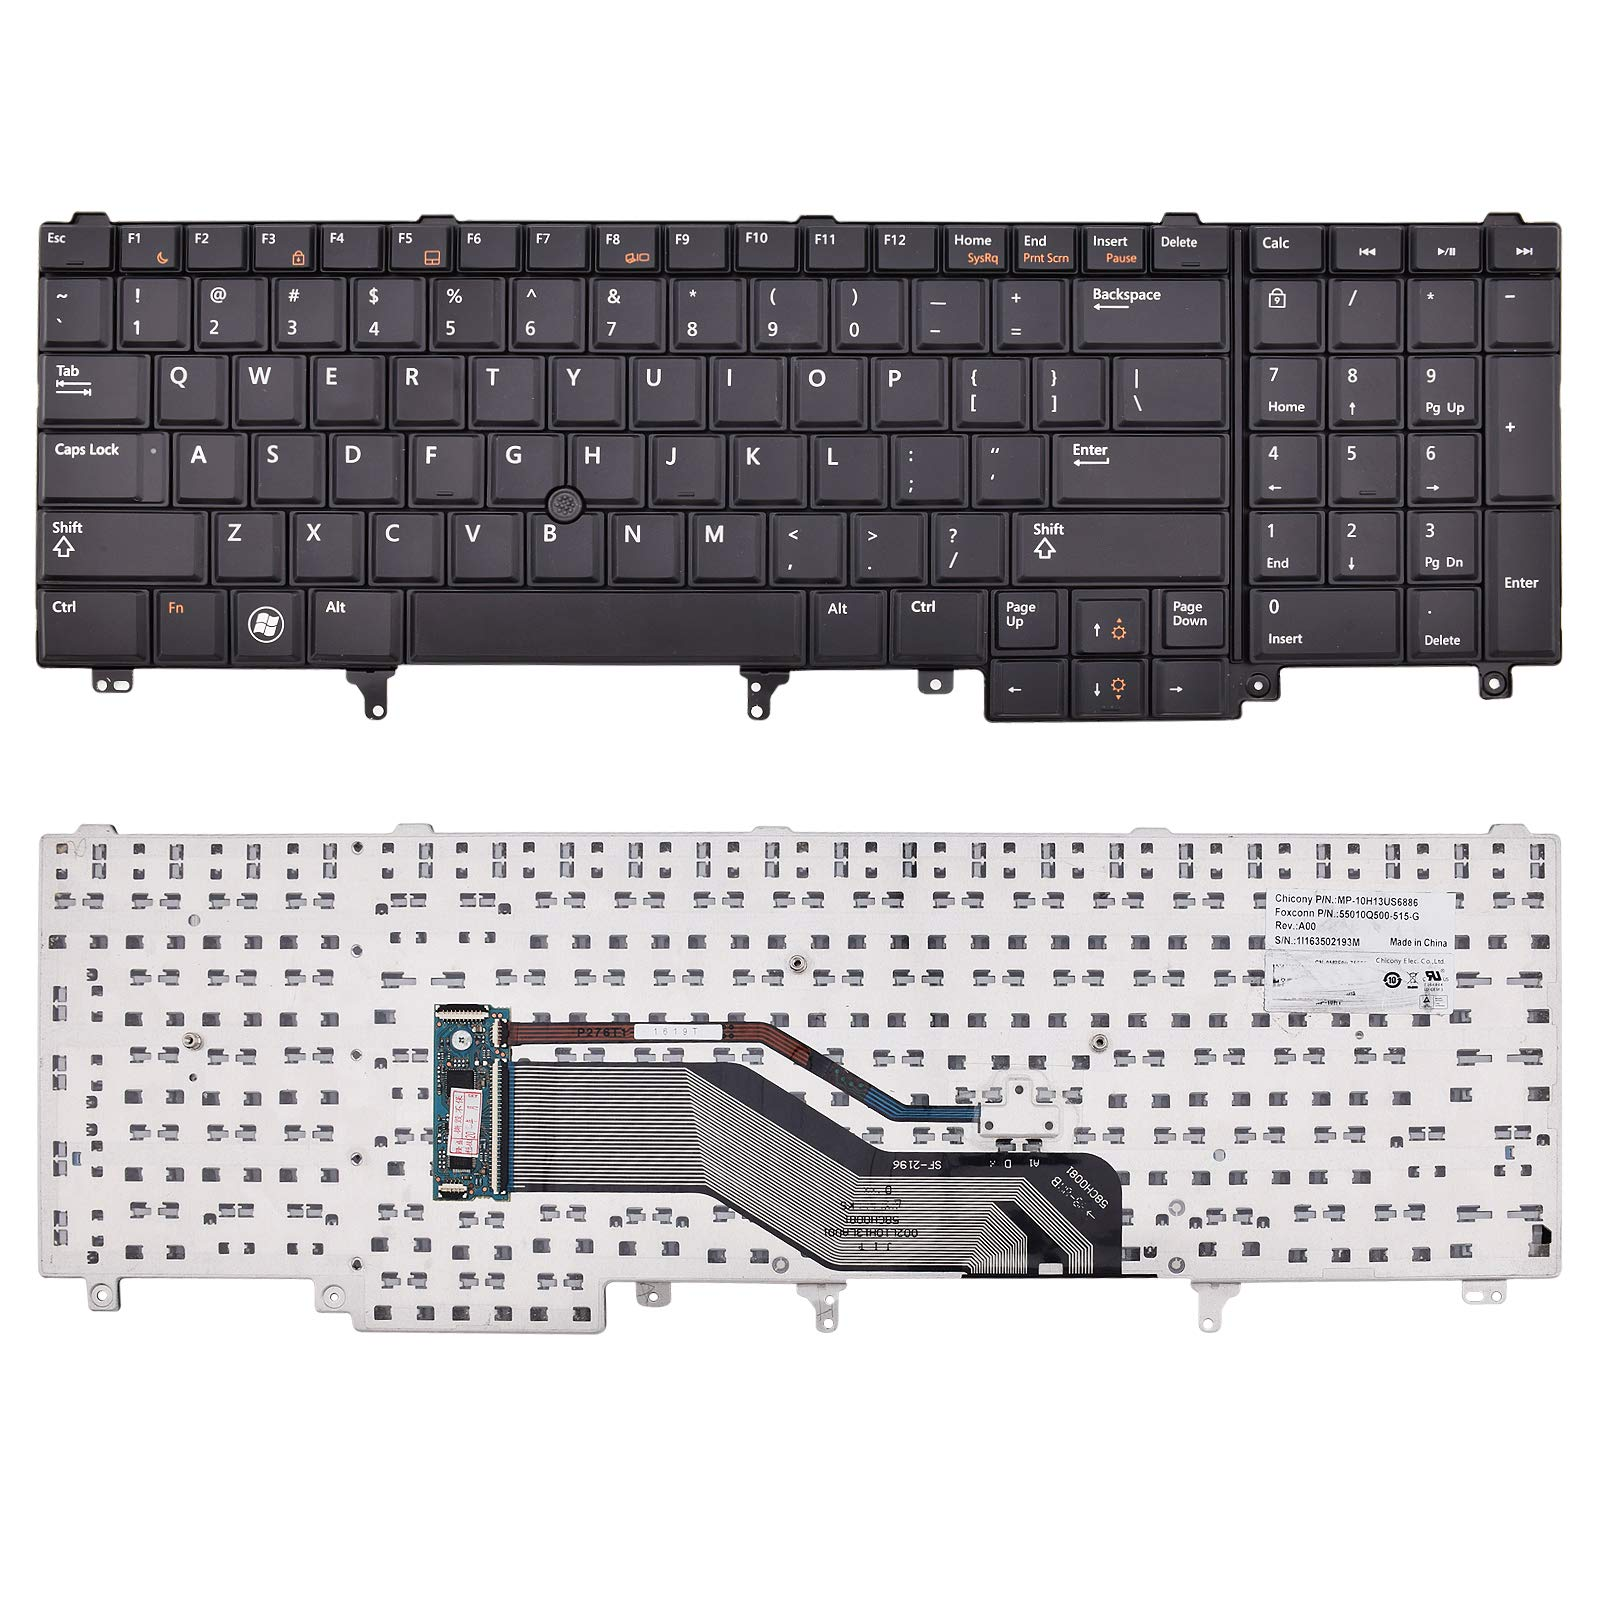 SUNMALL Replacement Keyboard with Pointer Compatible with Dell Latitude E5520 E5520m E5530 E6520 E6530 E6540 Precision M4600 M4700 M4800 M6600 M6700 Laptop US Layout